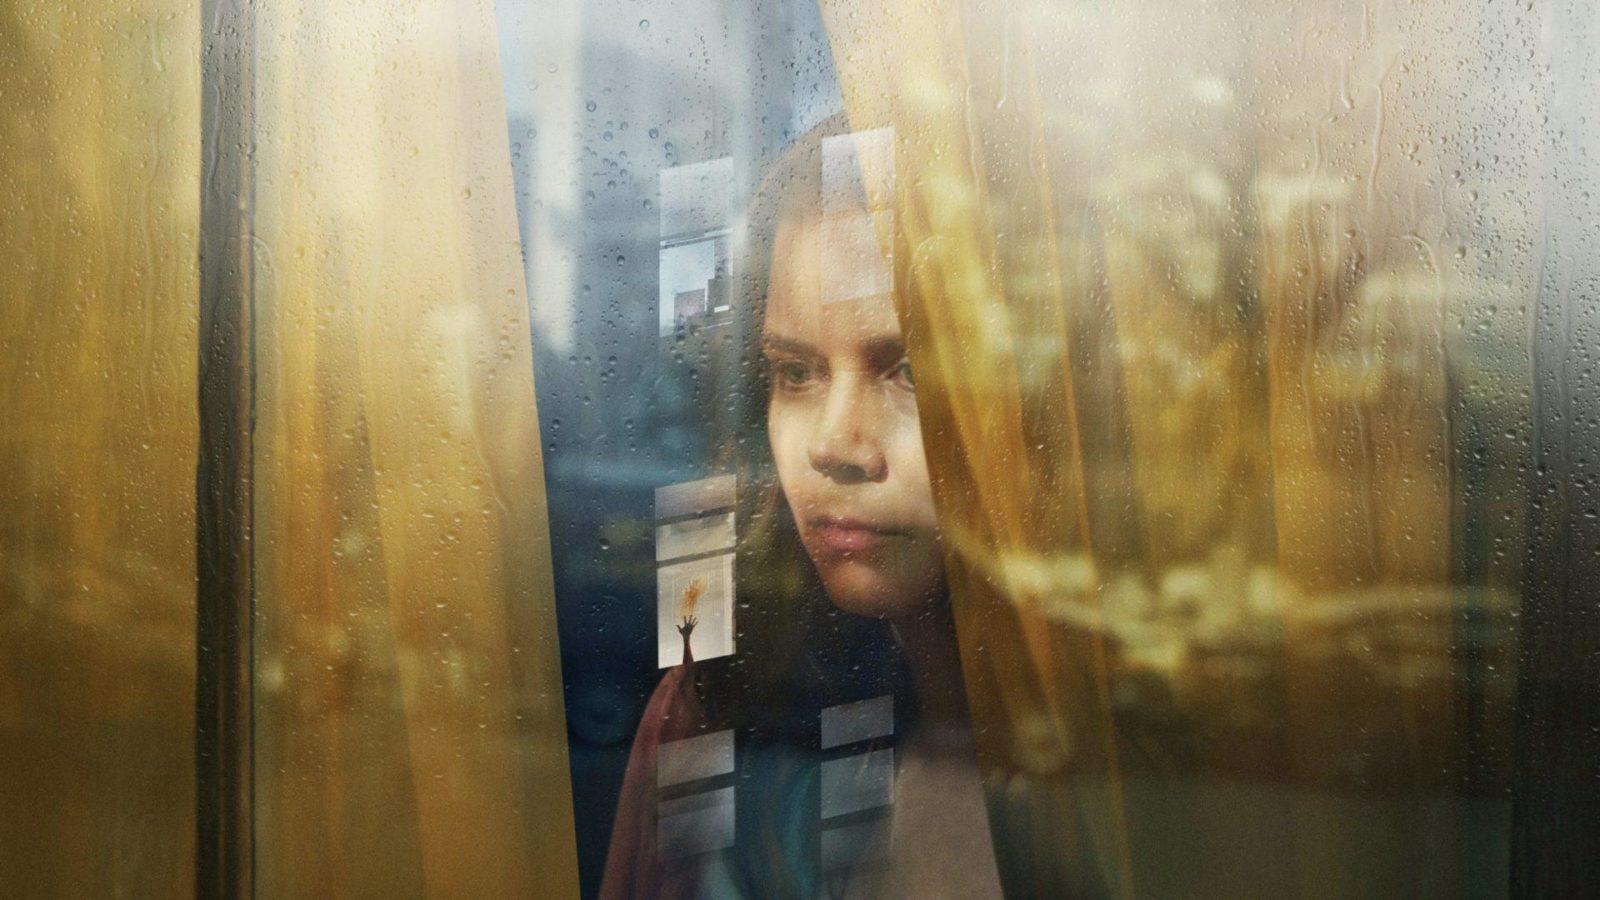 Триллер «Женщина в окне» с Эми Адамс выйдет на Netflix 14 мая